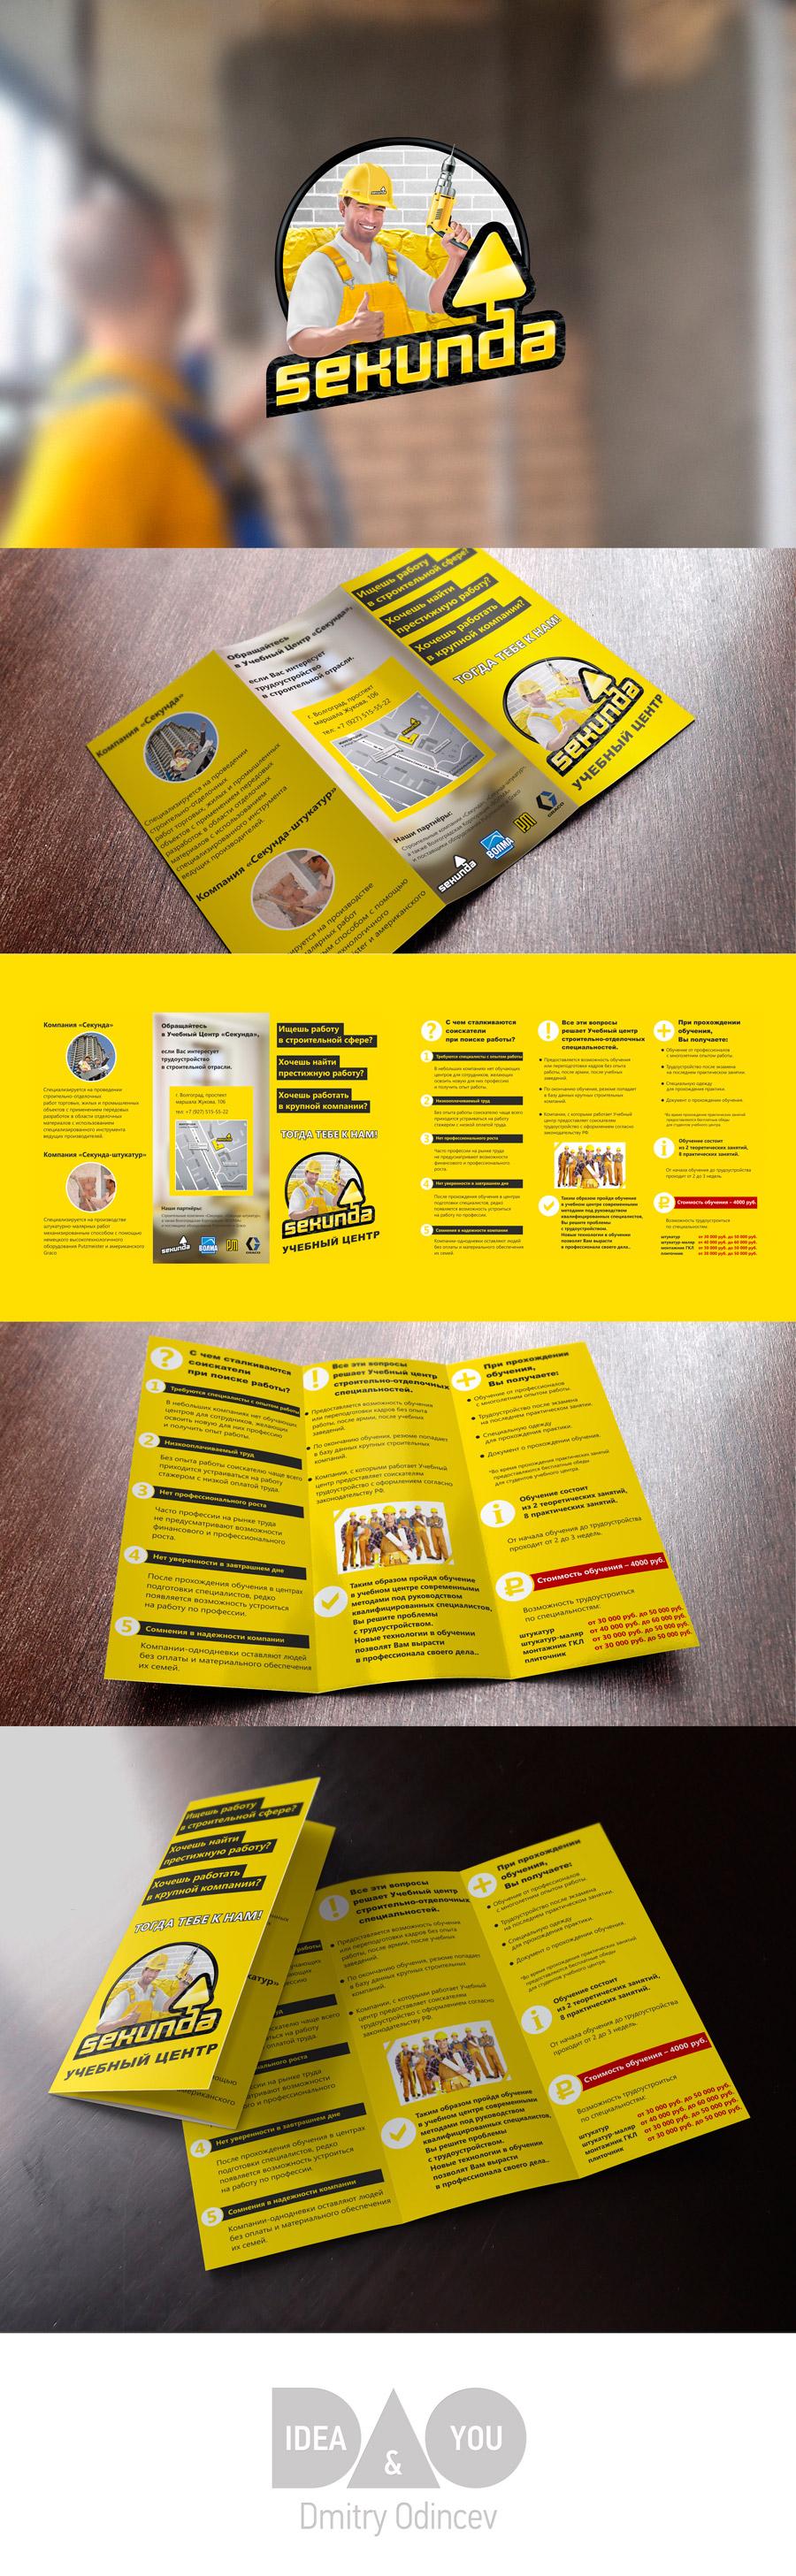 Буклет для учебного центра  строительно-отделочных  специальностей  при компании «Секунда». Волгоград